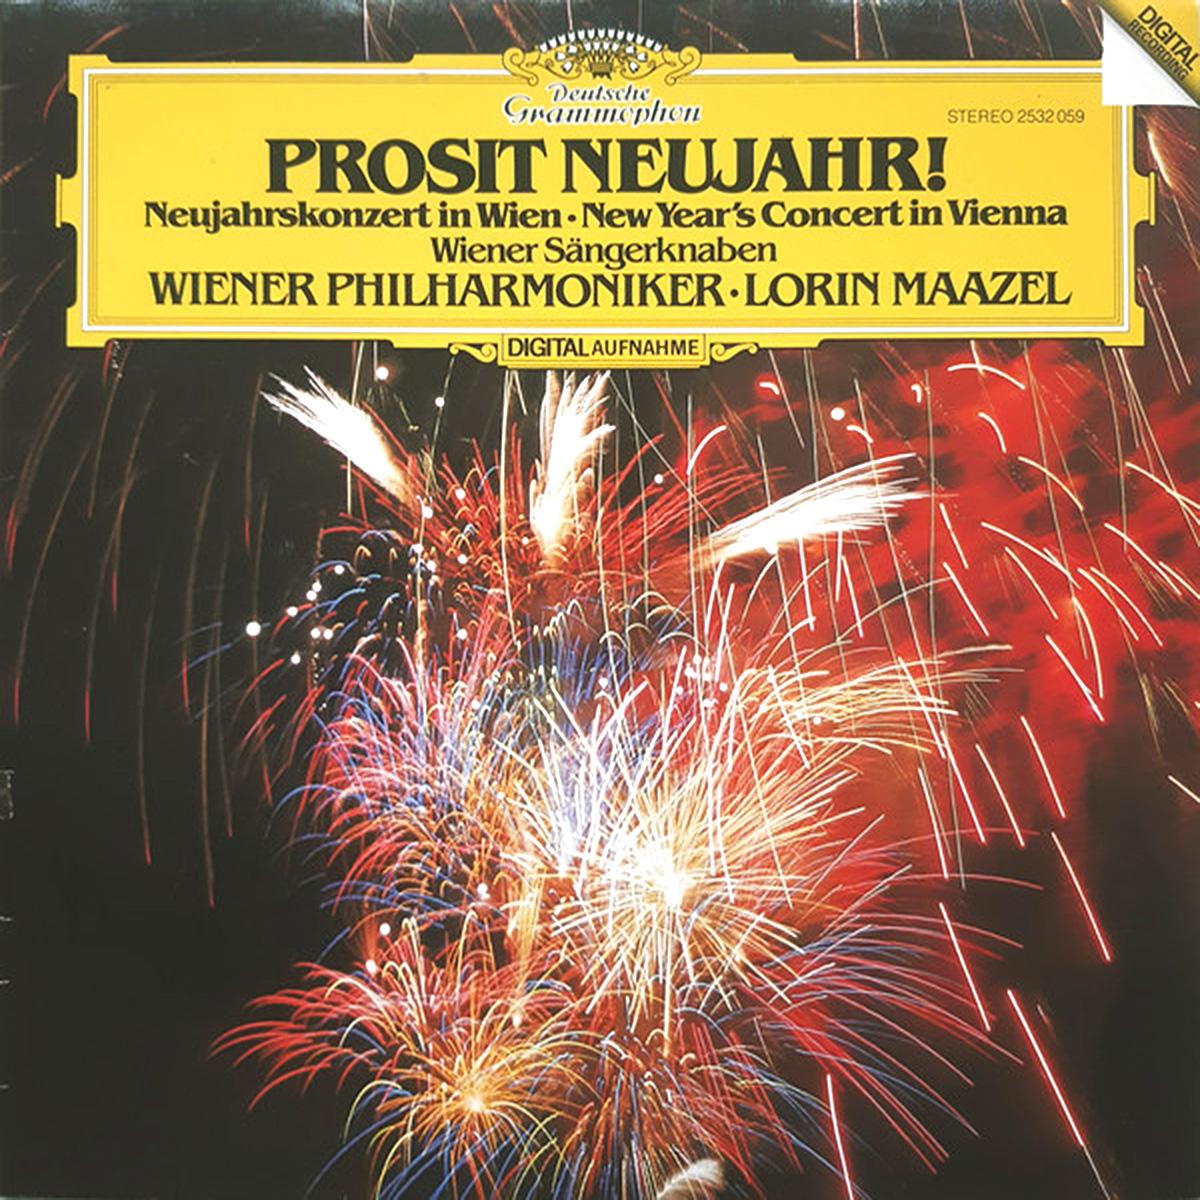 DGG 2532059 Prosit Neujahr Maazel